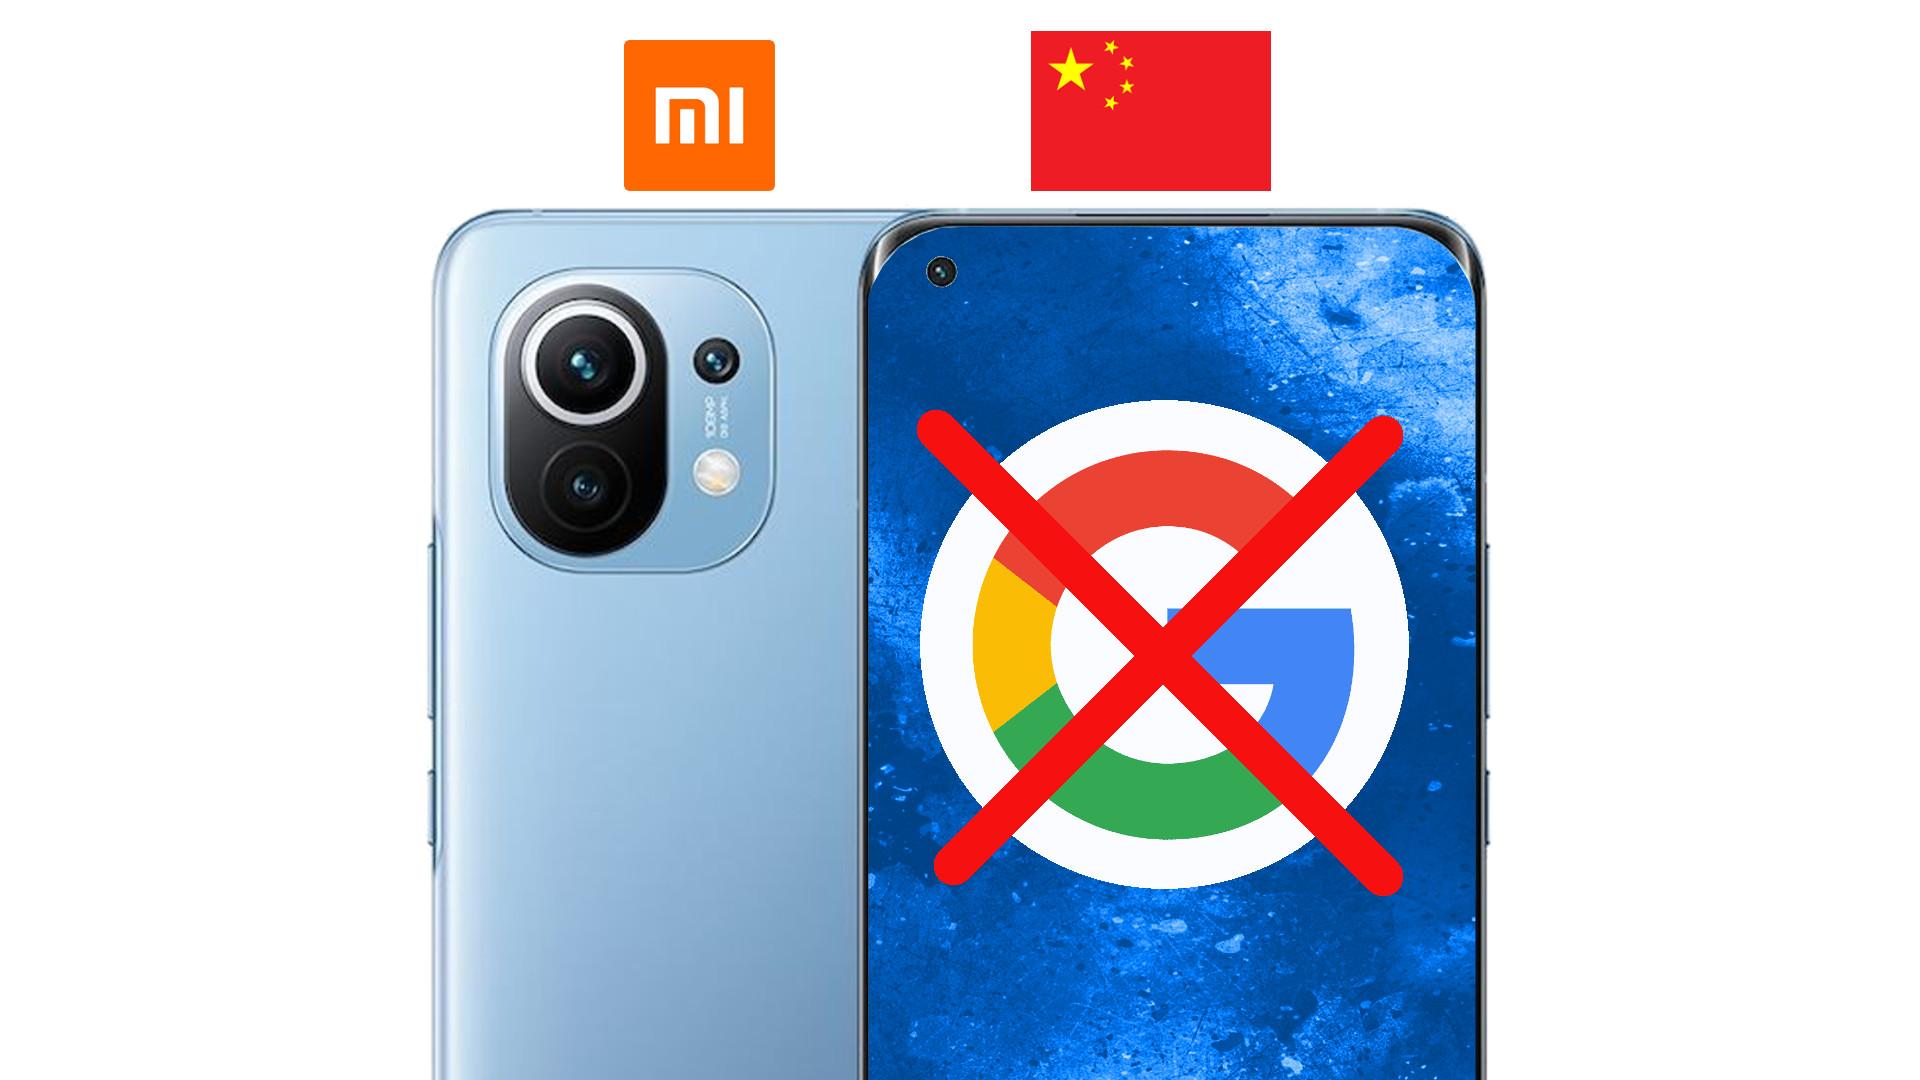 Móviles para China de Xiaomi ya no podrán instalar los servicios de Google